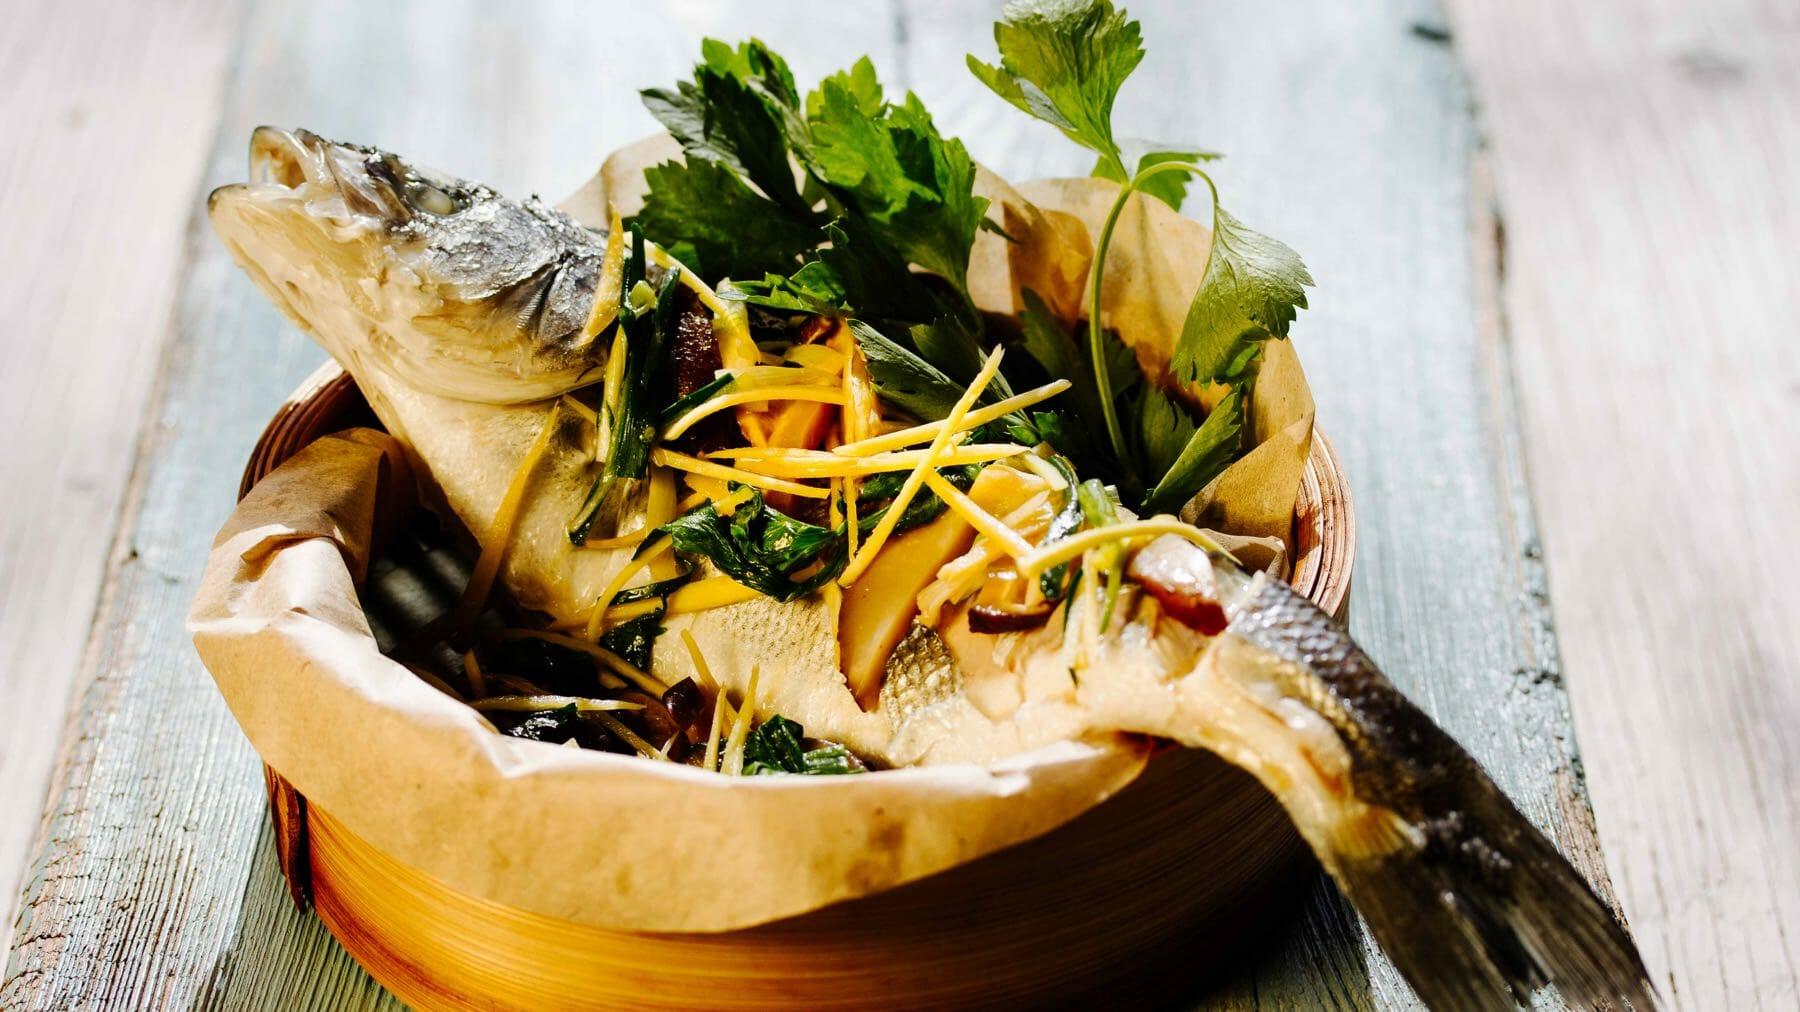 Gedämpfter Fisch mit Sojasauce und Ingwer - Plaa Neung See Ew